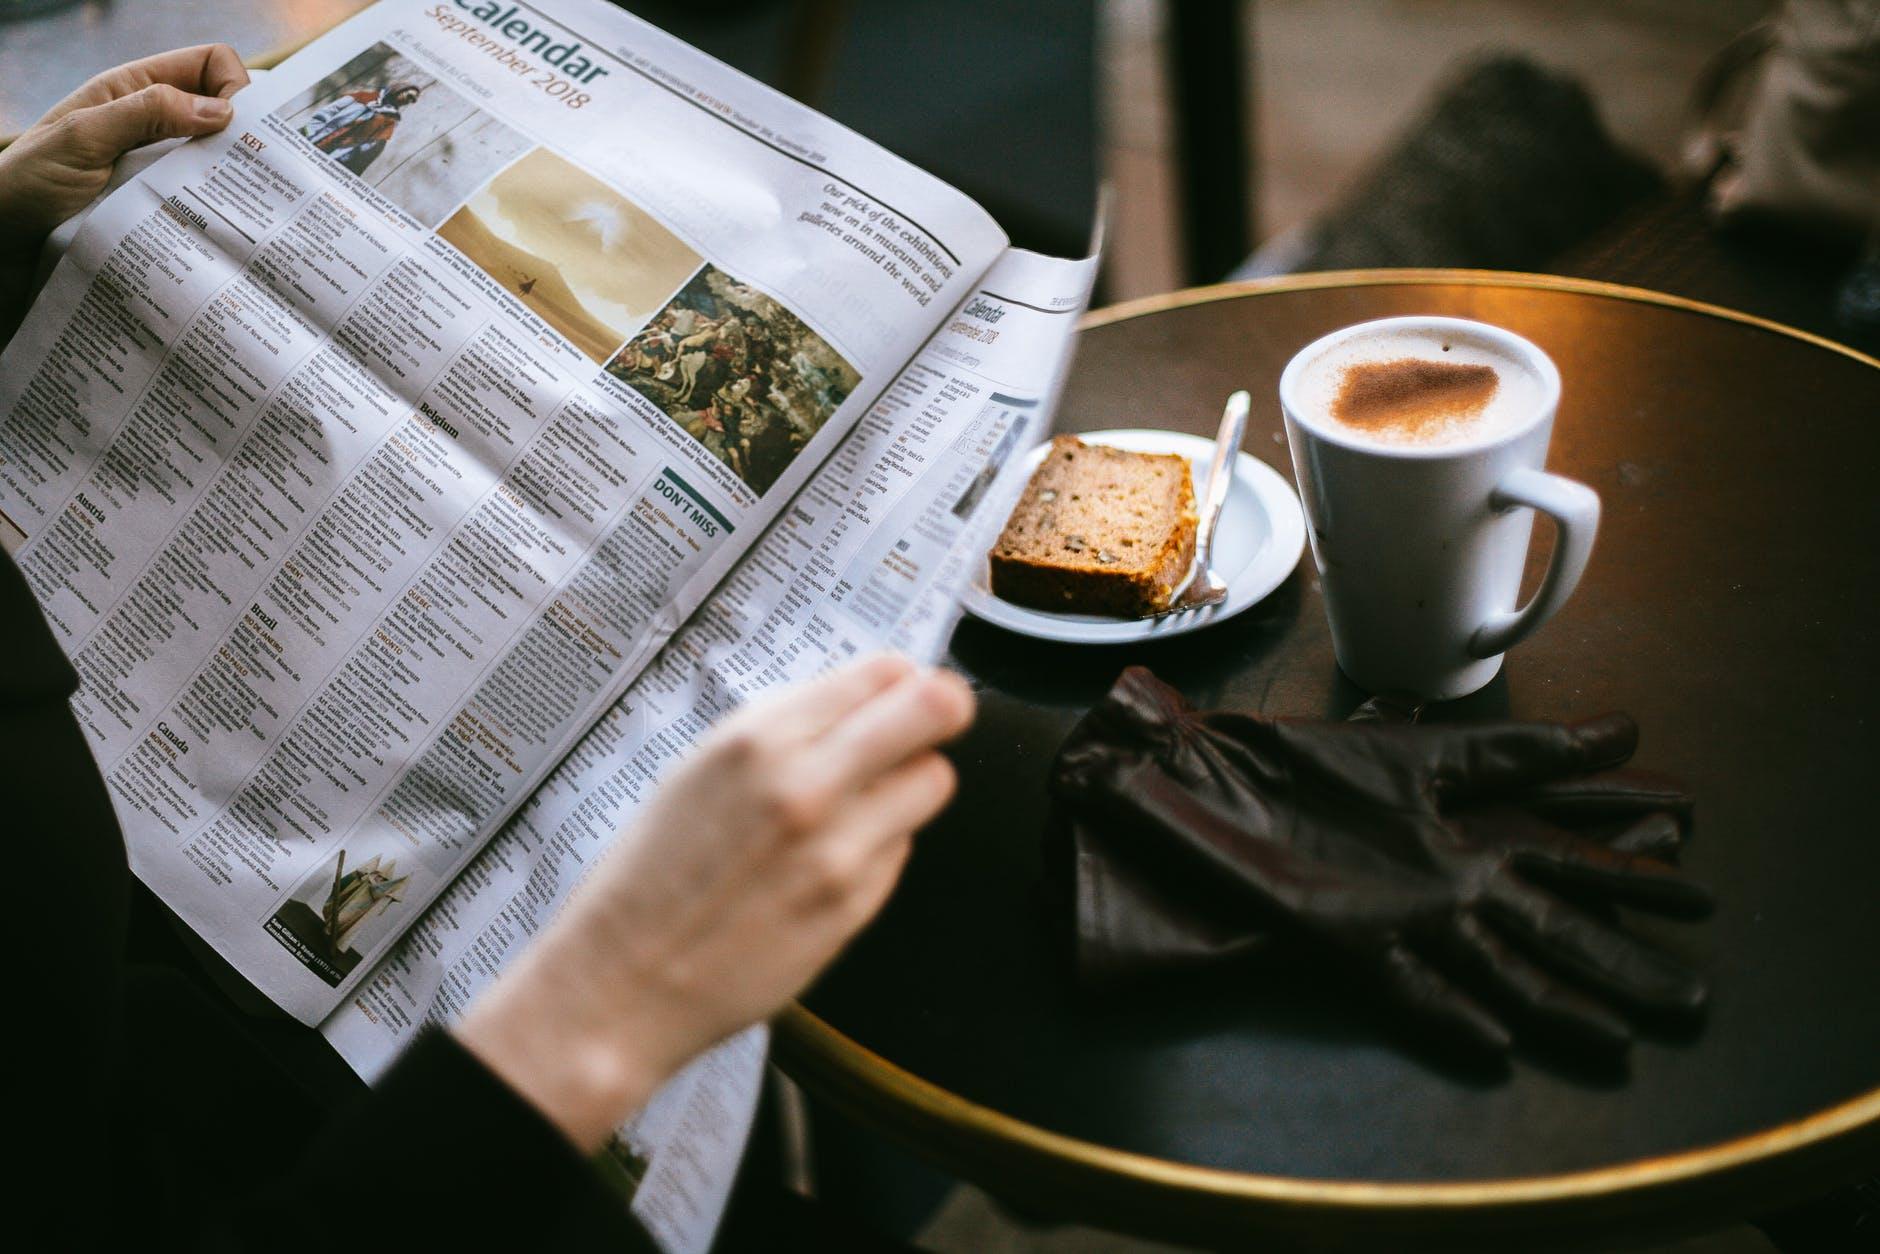 L'immagine rappresenta un uomo che legge il giornale. E' stata scelta perché vogliamo far immedesimare il lettore che legge il nostro articolo come se fosse in un bar sfogliando il giornale cartaceo